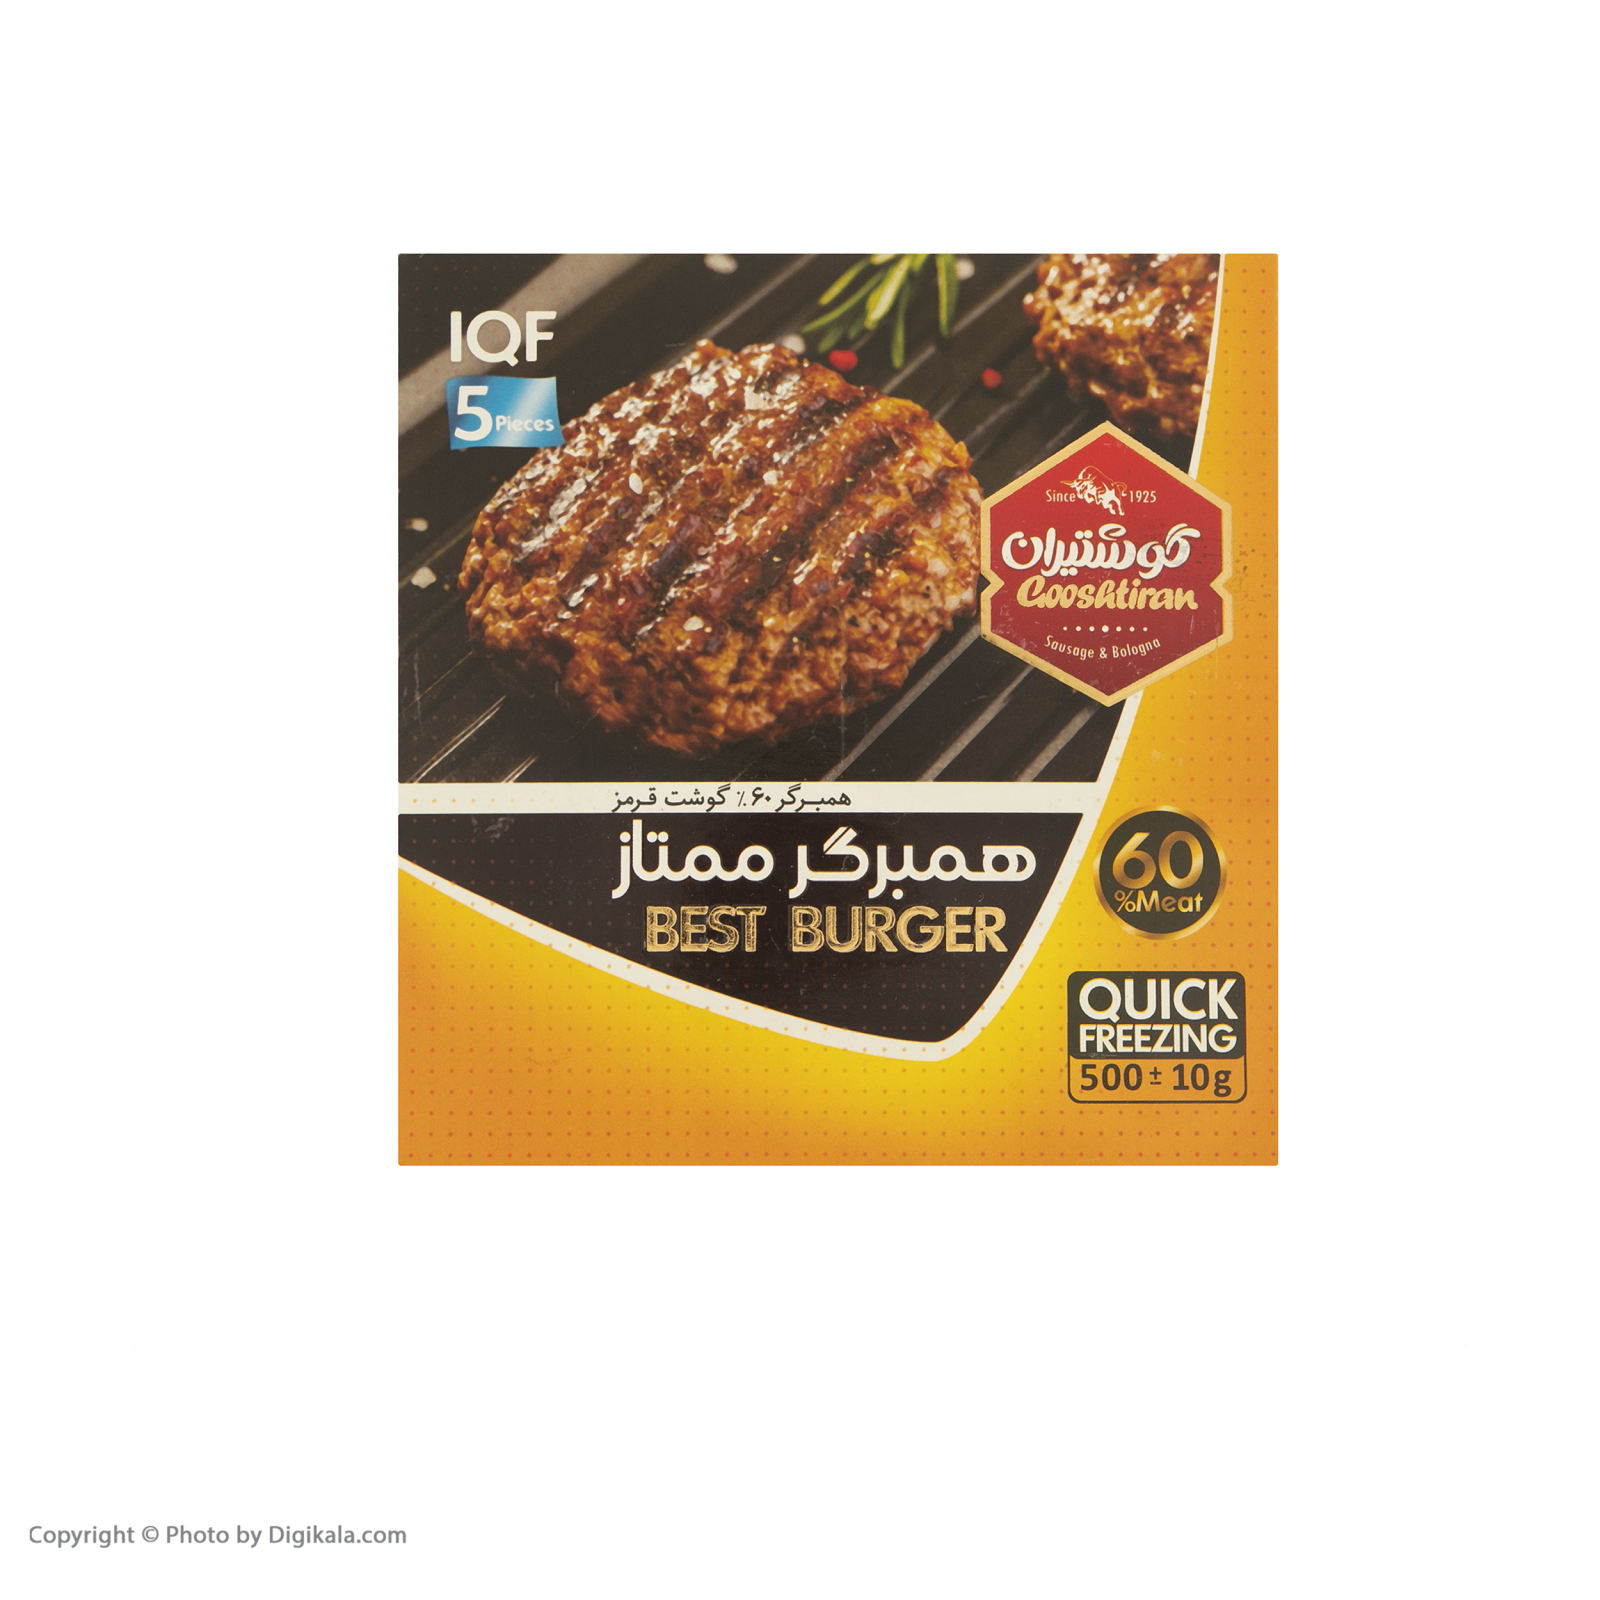 همبرگر ممتاز 60 درصد گوشت  گوشتیران - 500 گرم main 1 2